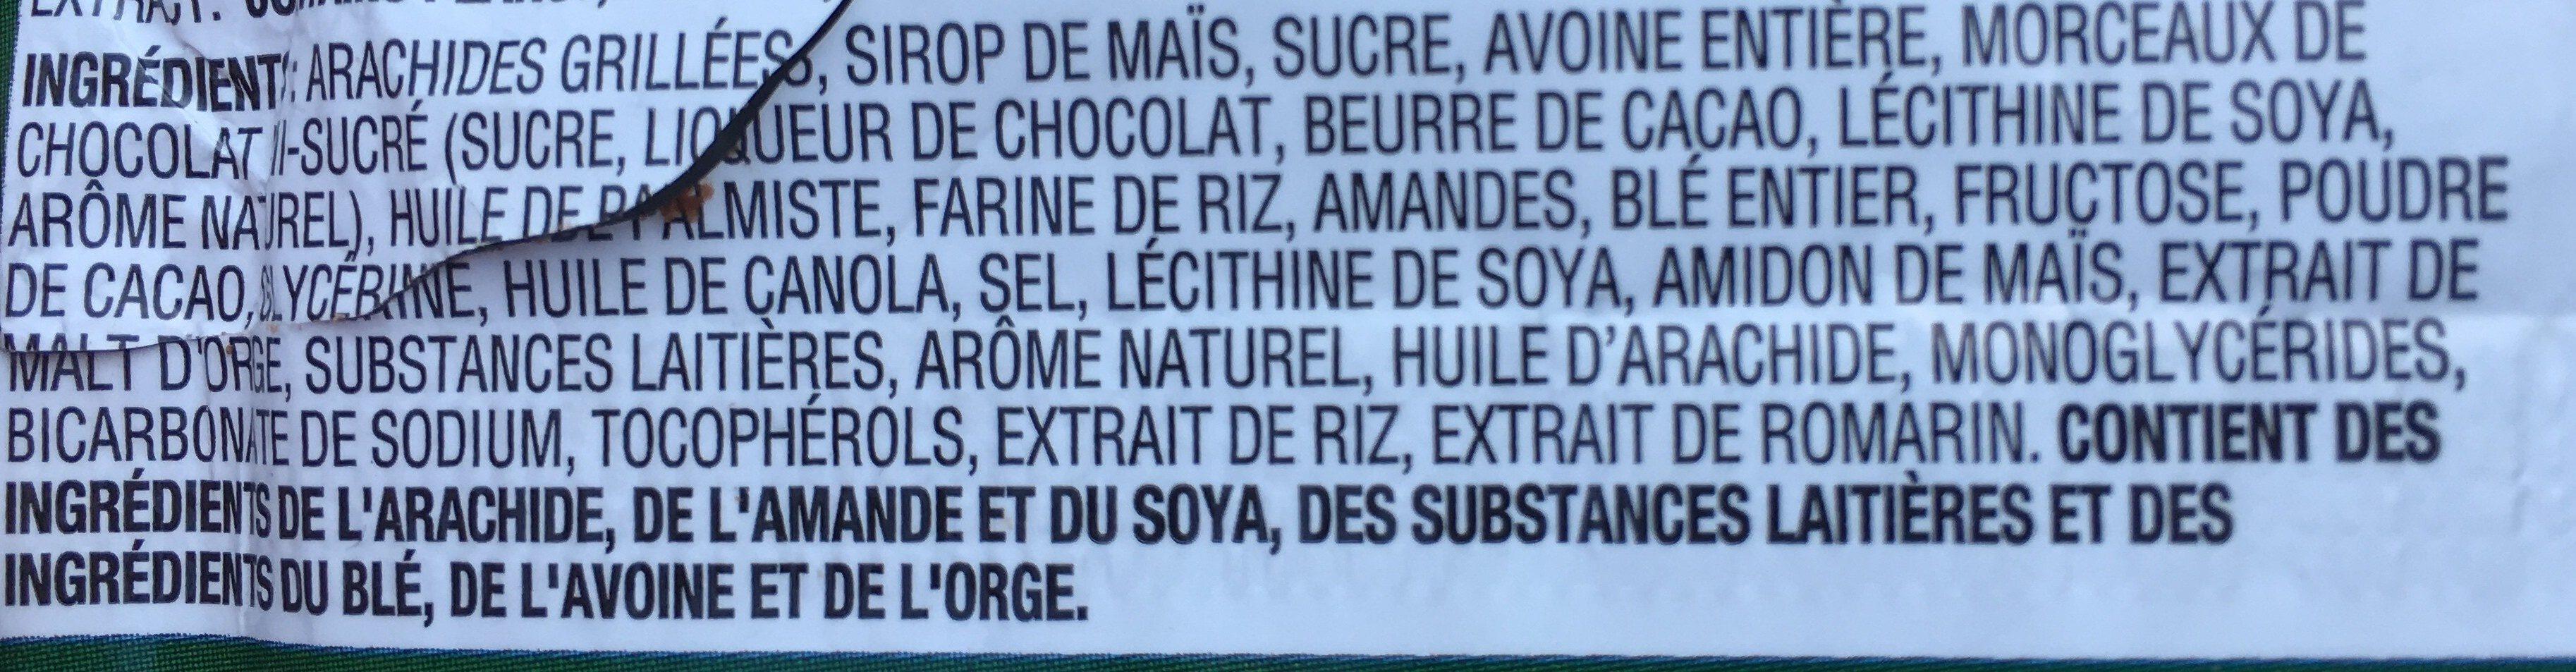 Sweet And Salty Nut Bars - Dark Chocolate - Ingrédients - fr